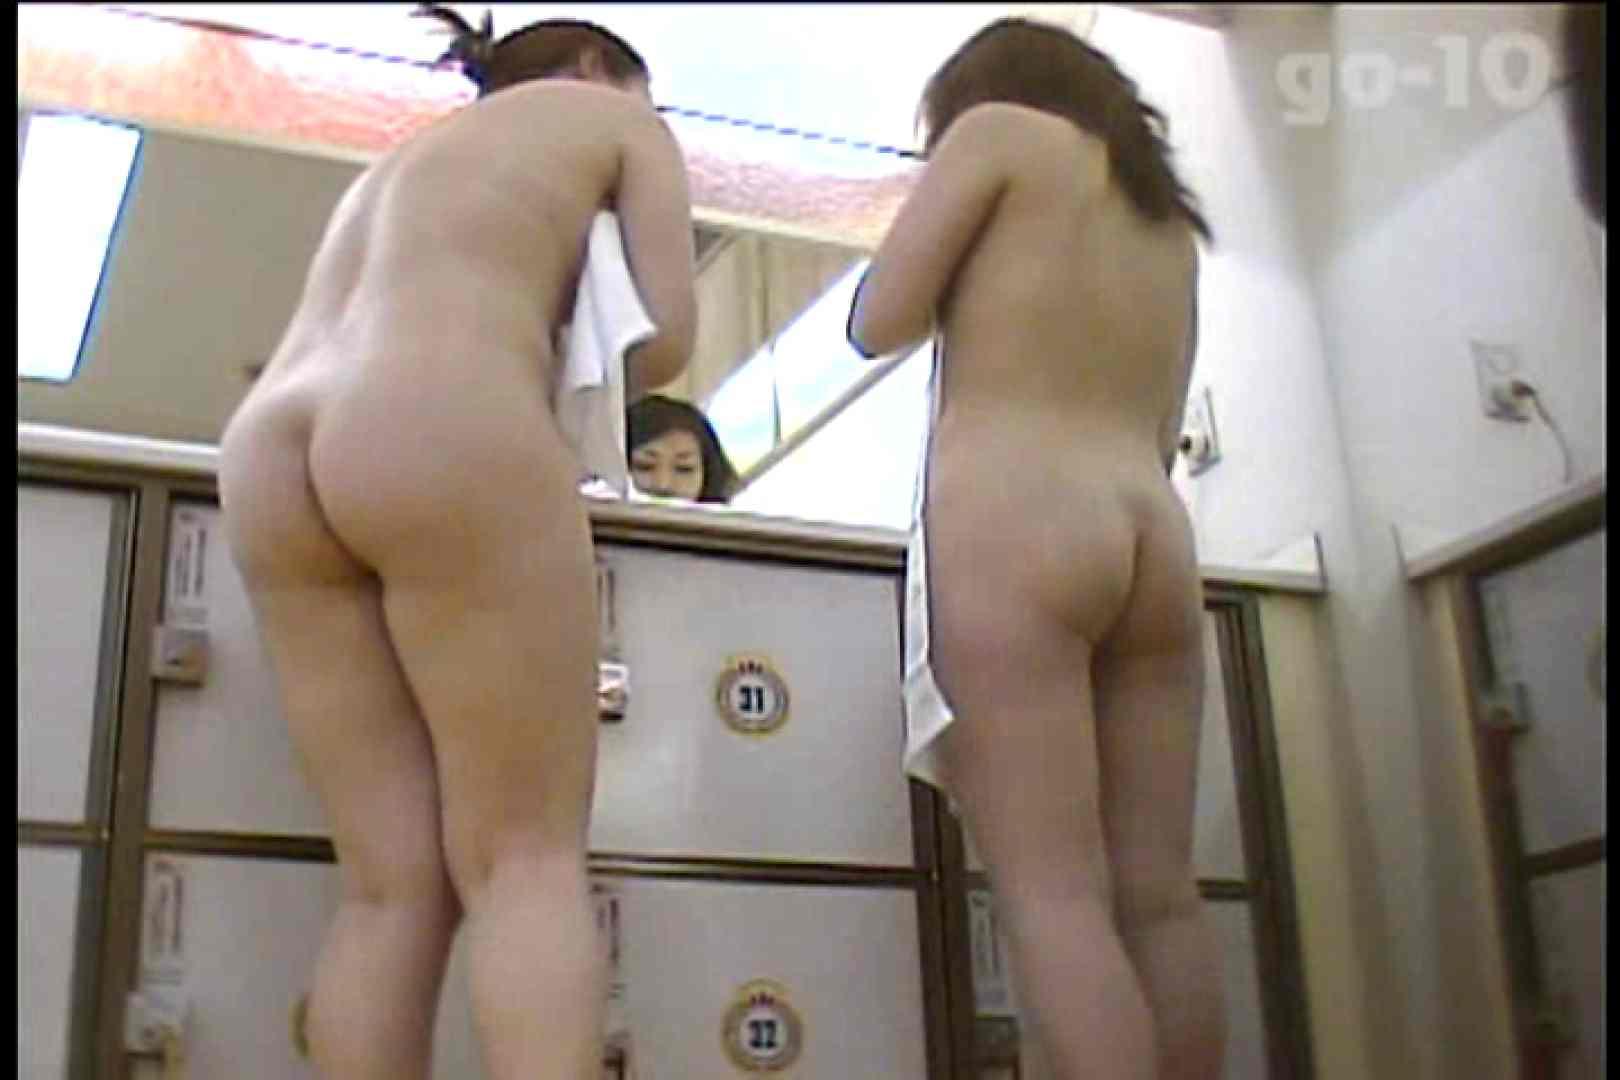 電波カメラ設置浴場からの防HAN映像 Vol.10 ギャル  65PIX 51